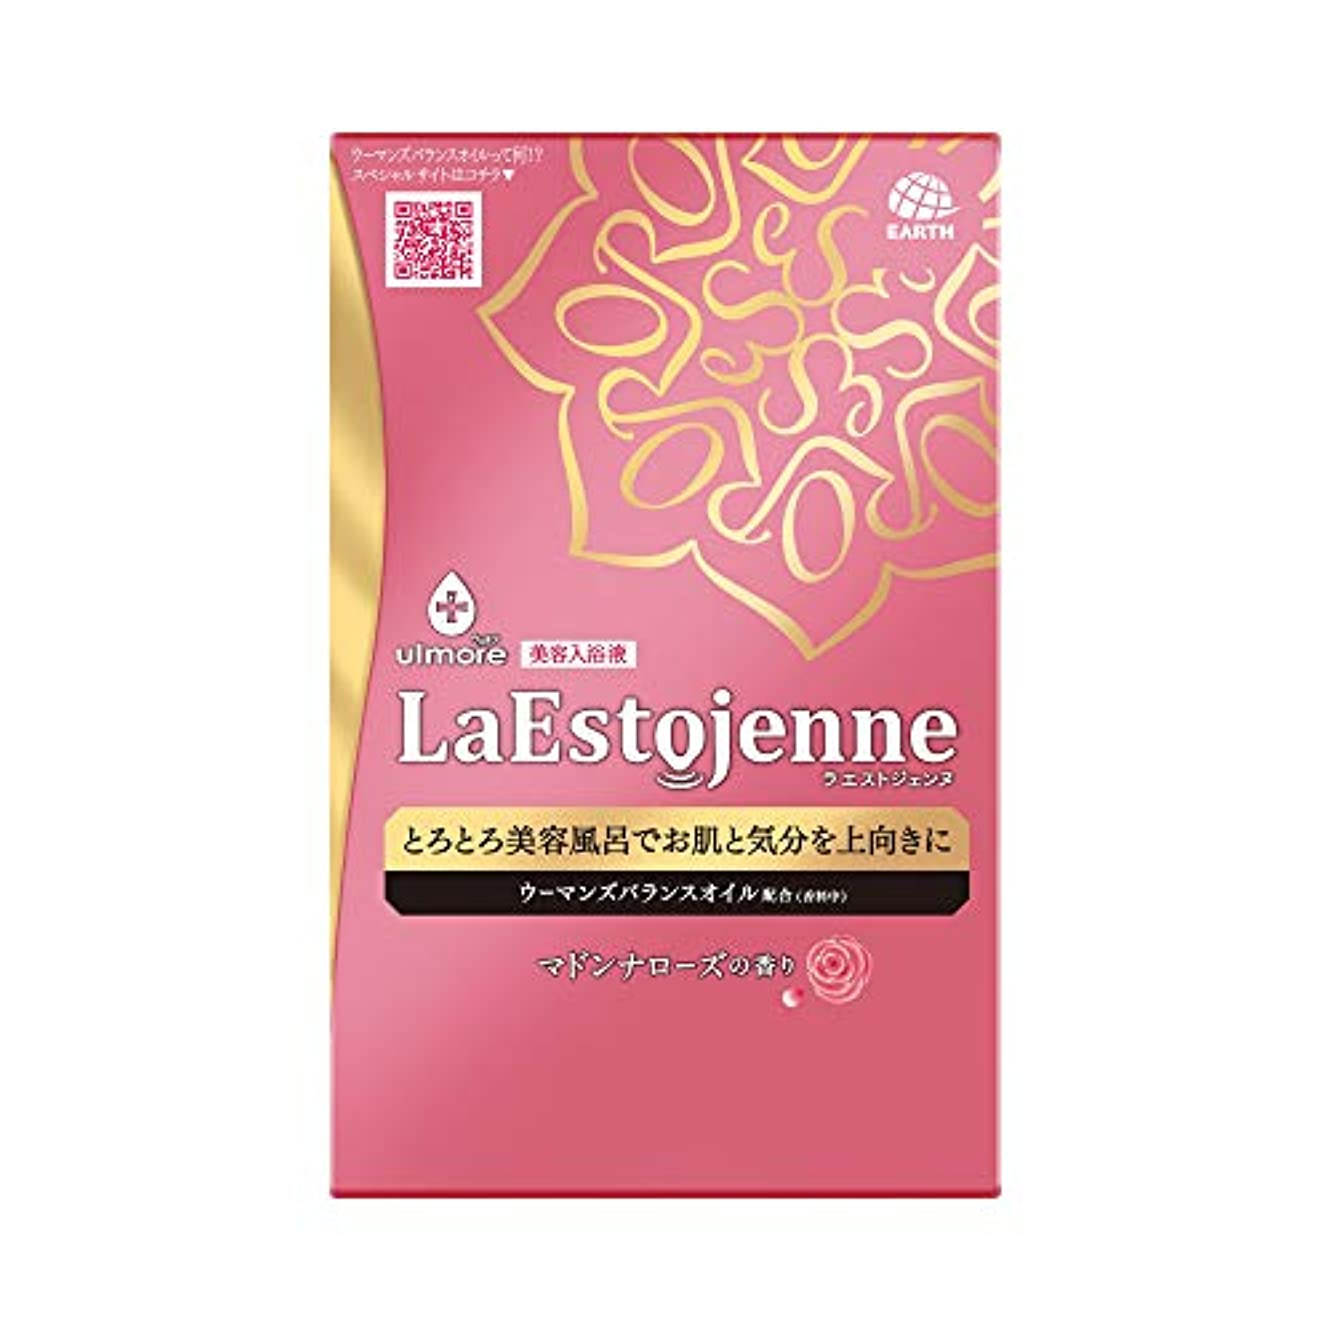 まだら夢訪問ウルモア ラエストジェンヌ 入浴剤 マドンナローズの香り [160ml x 3包入り]